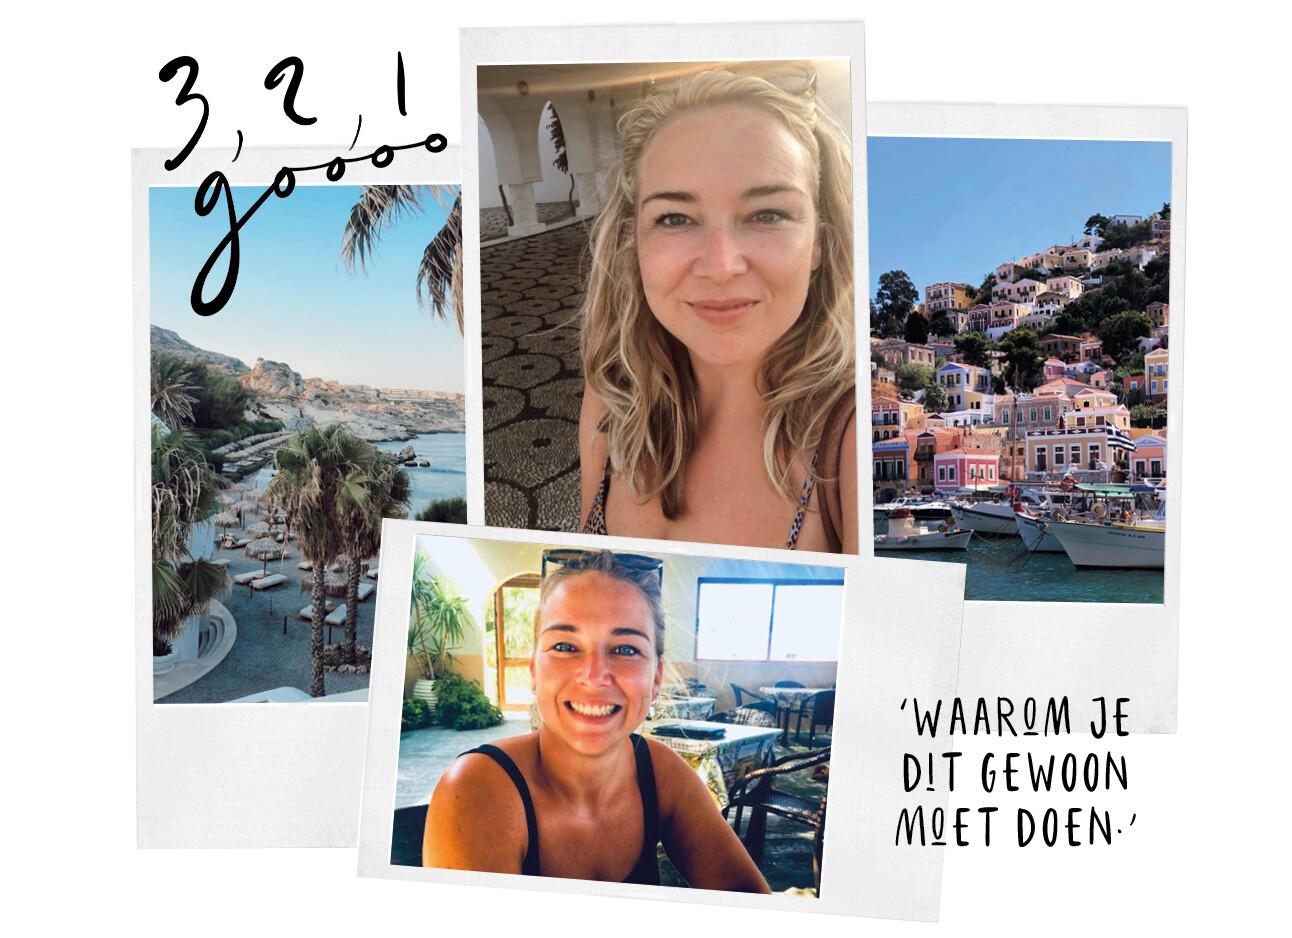 Adeline vertrekt voor 2 maanden naar Griekenland